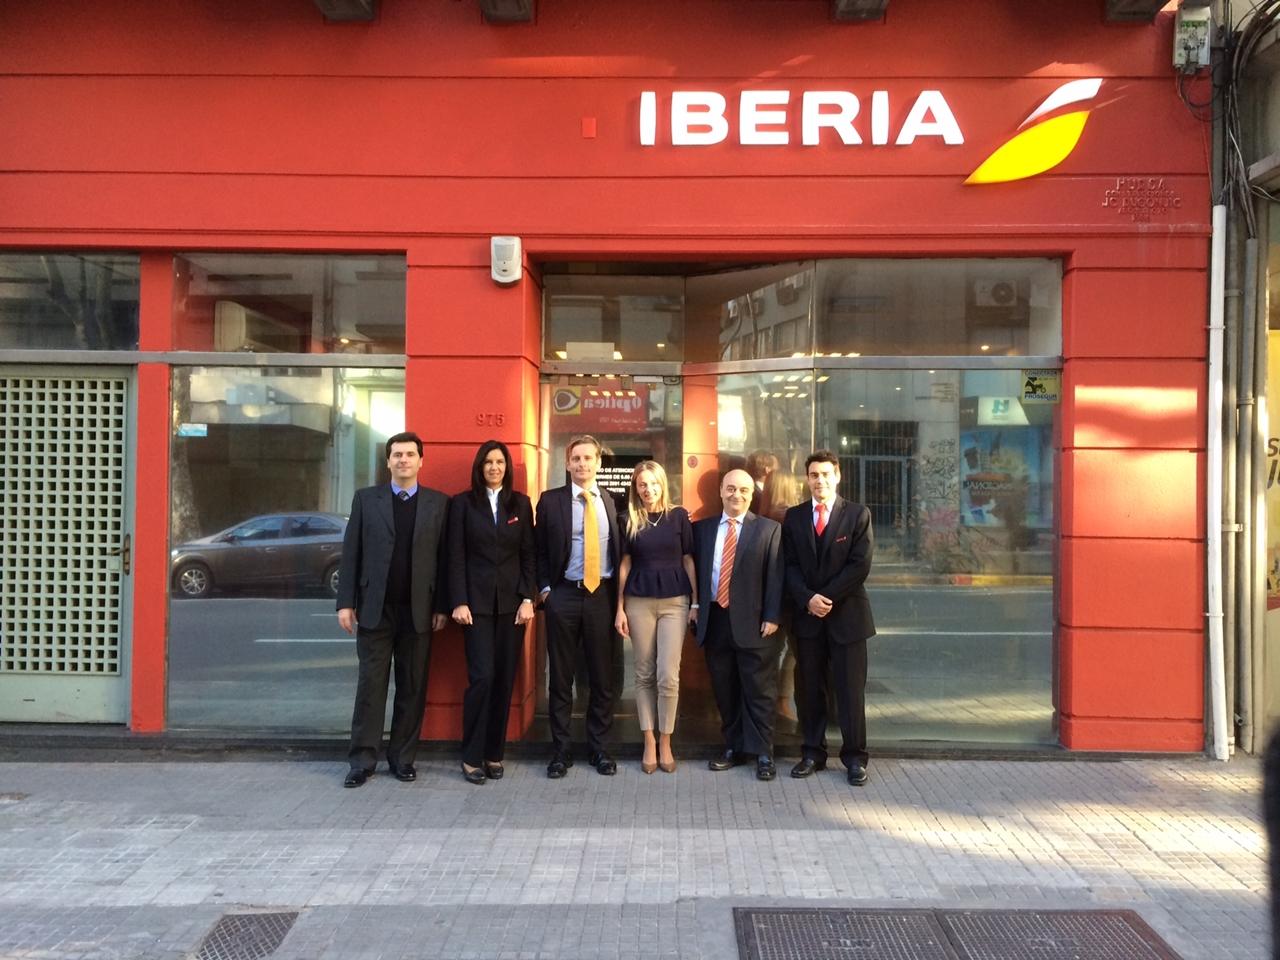 Az új montevideói iroda avatója napján, augusztus 12-én. (Fotó: Iberia)   © AIRportal.hu